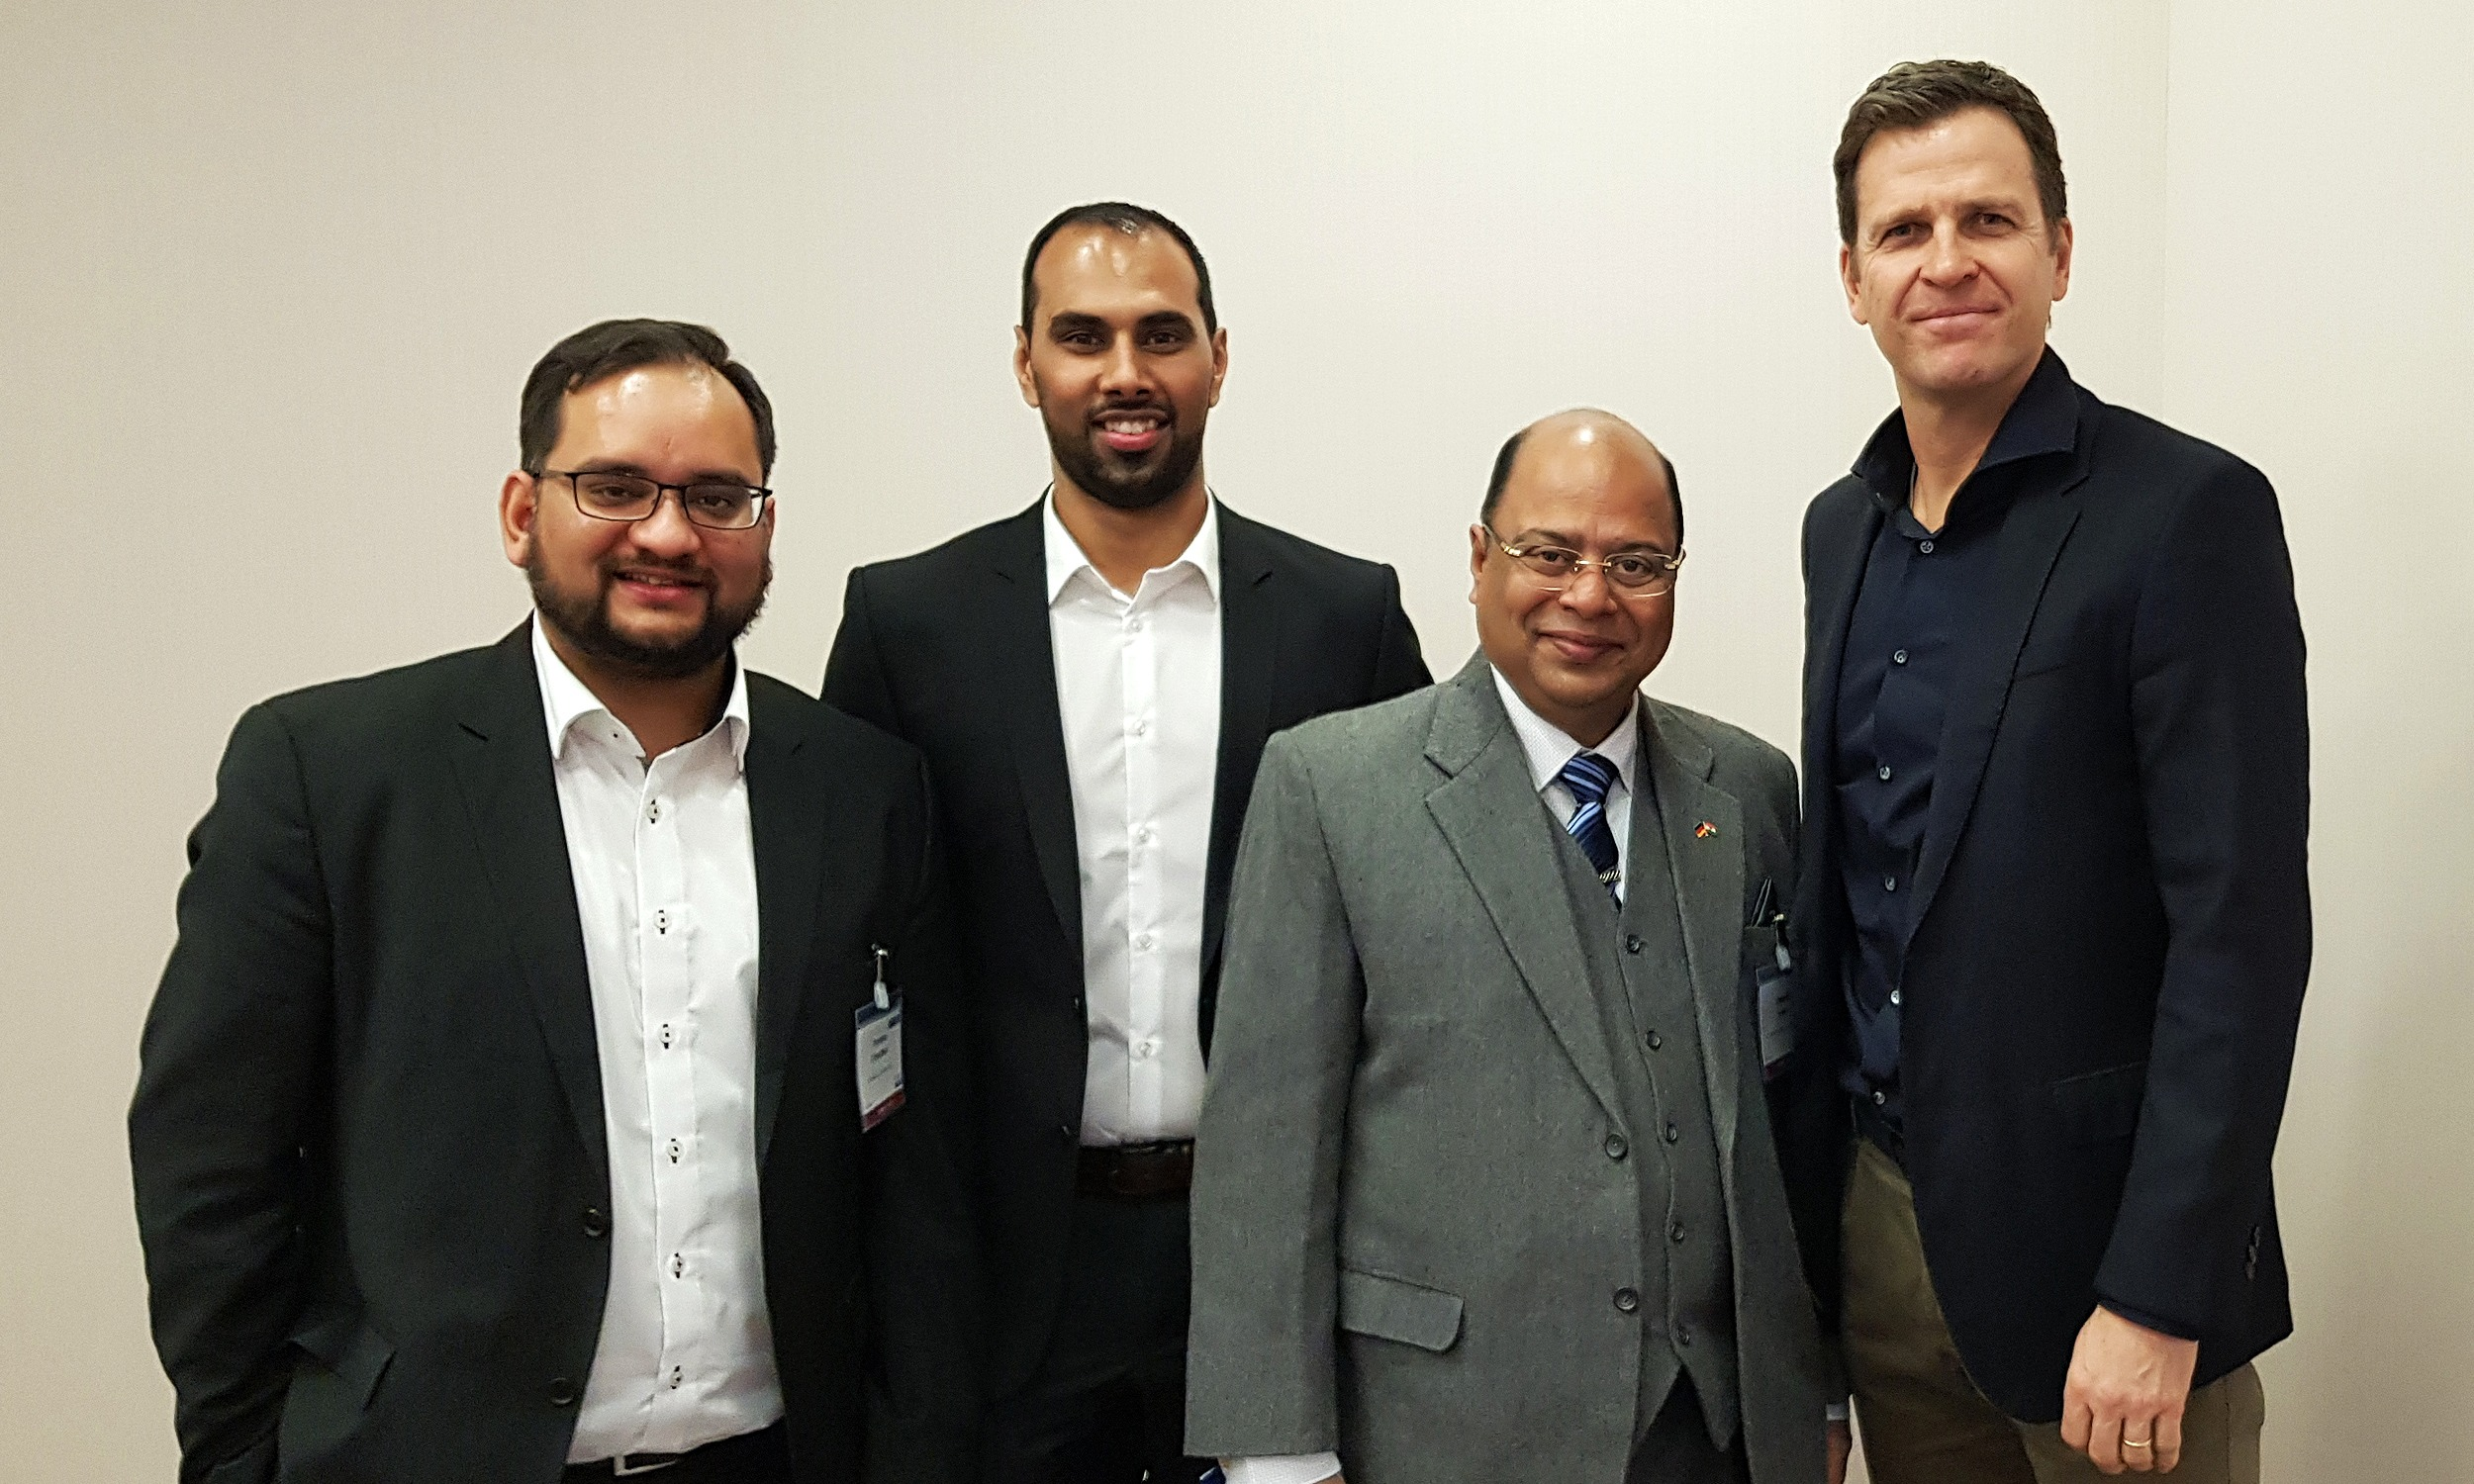 Arunava Chaudhuri, Chris Punnakkattu Daniel, Subrata Dutta and Oliver Bierhoff at SPOBIS 2018 in Düsseldorf, Germany. (© arunfoot / CPD Football)